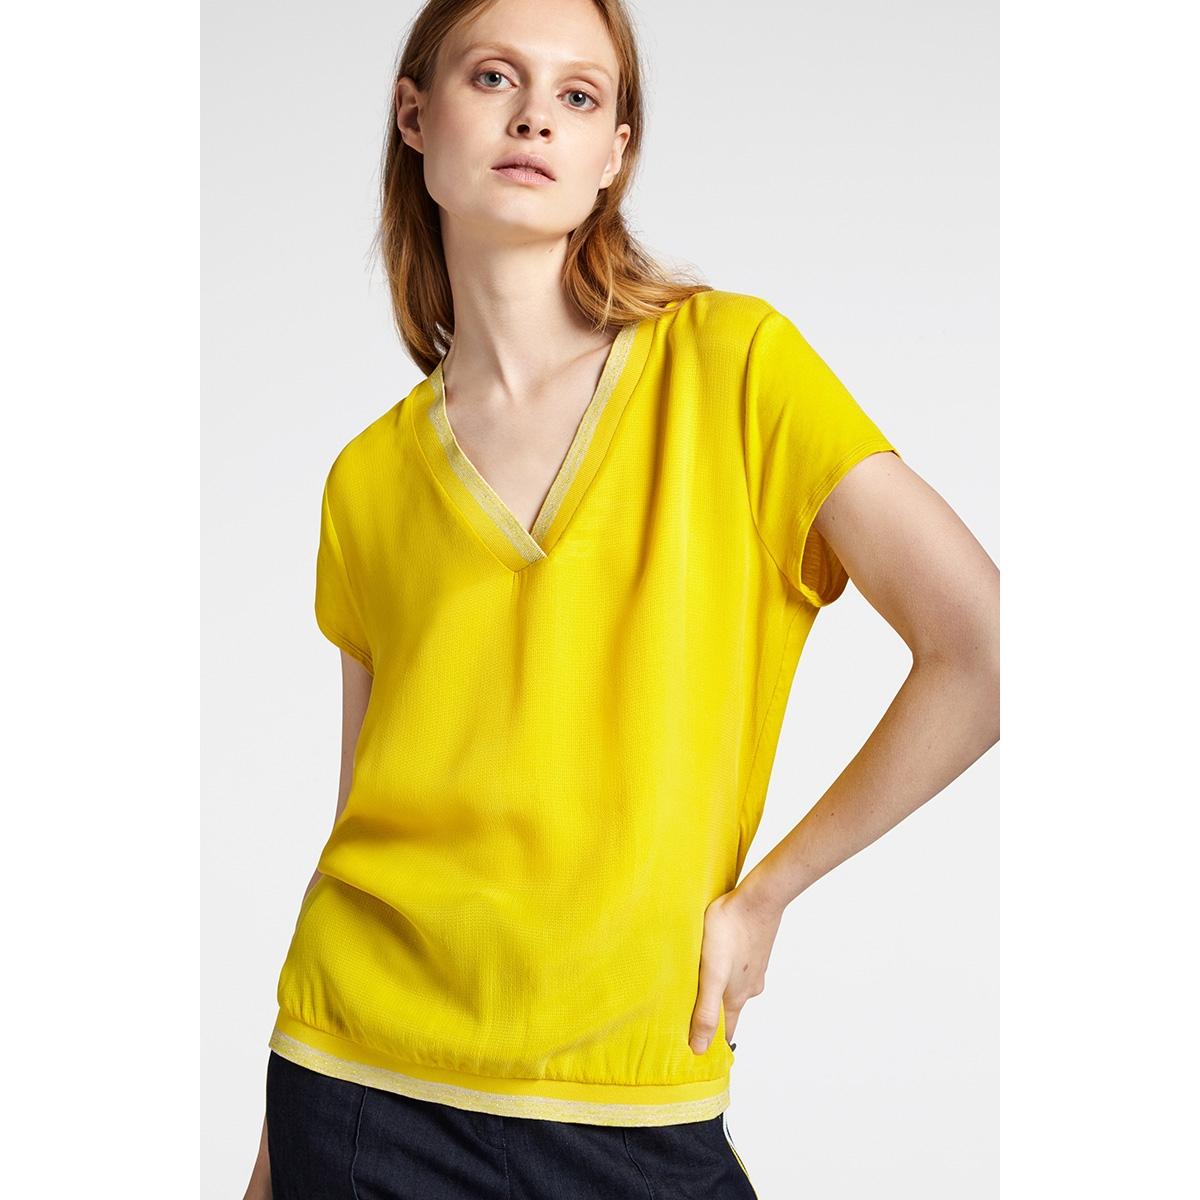 t shirt met lurex glitterstrepen 22001809 sandwich t-shirt 30024 mimosa